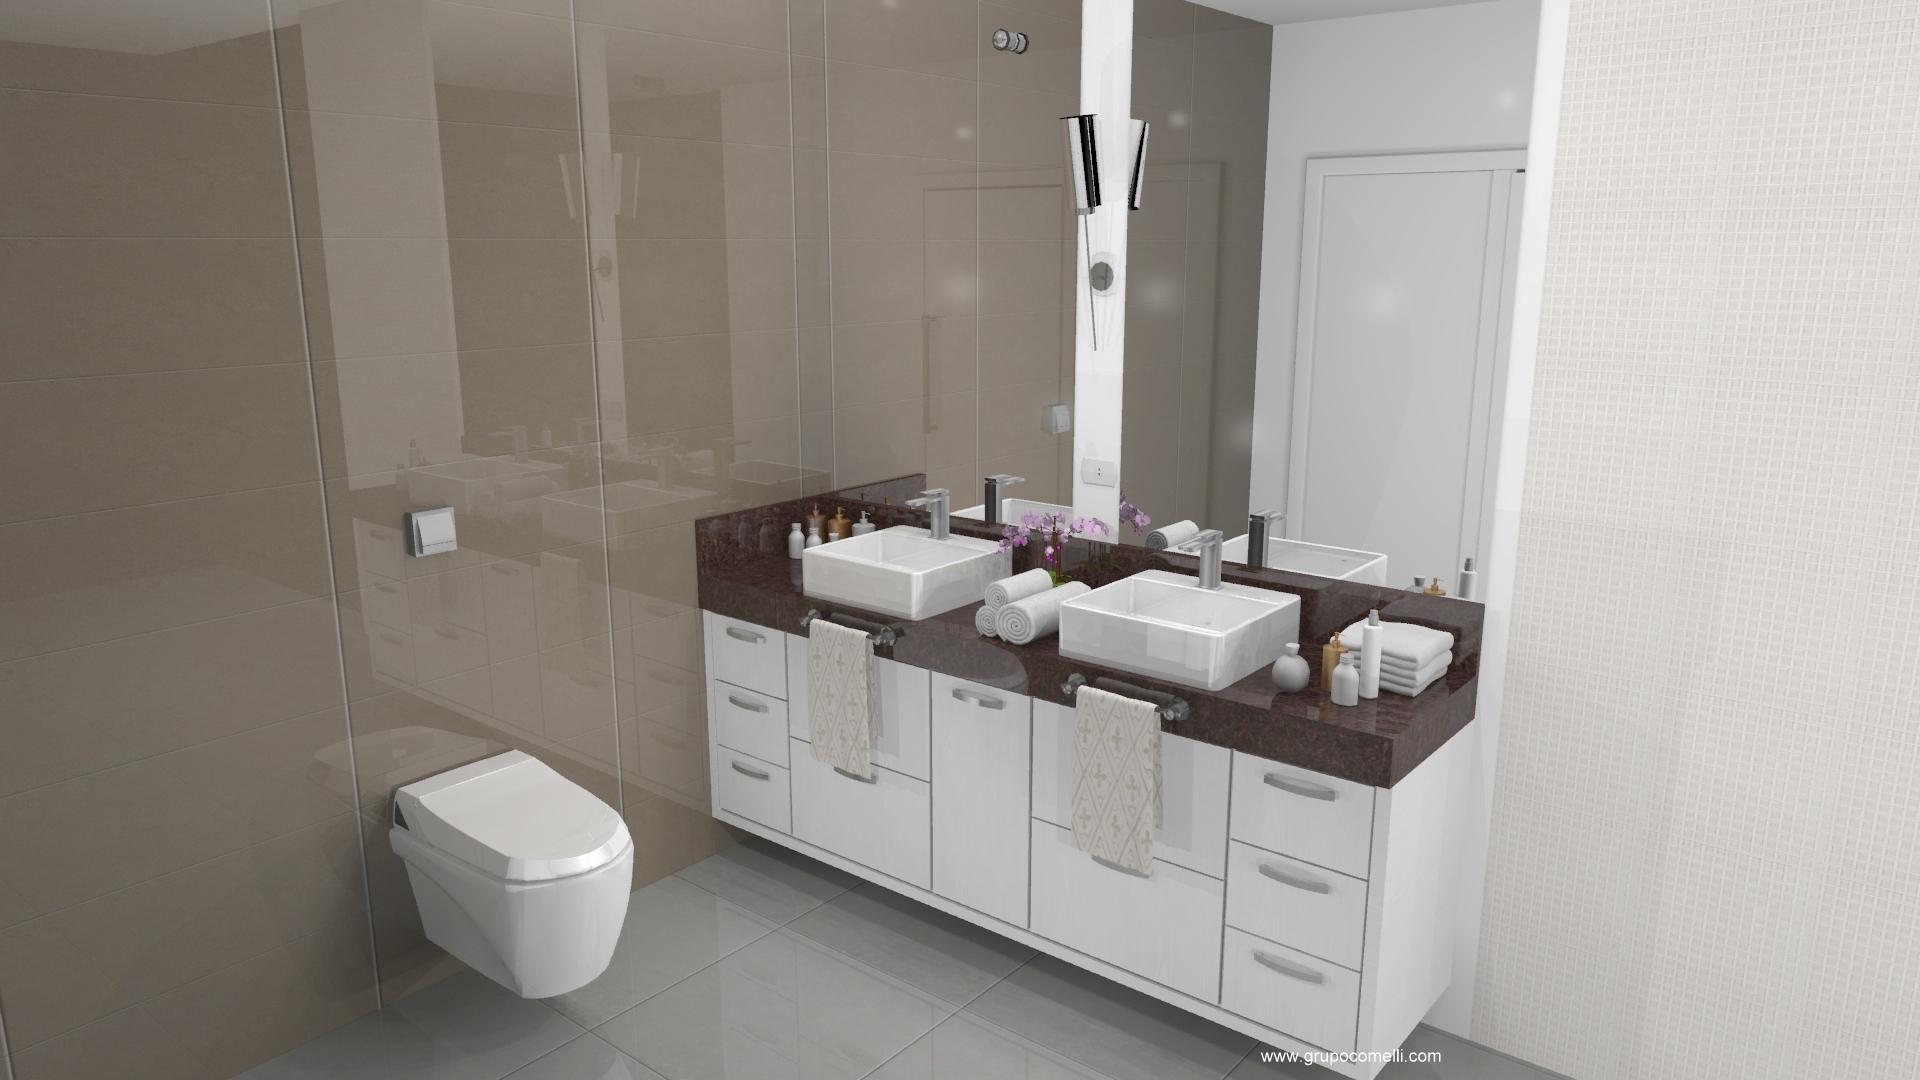 Imagens de #6A5061 Planejados Banheiros Planejados Fotos Banheiros Modernos Planejados  1920x1080 px 3720 Banheiros Planejados Rj